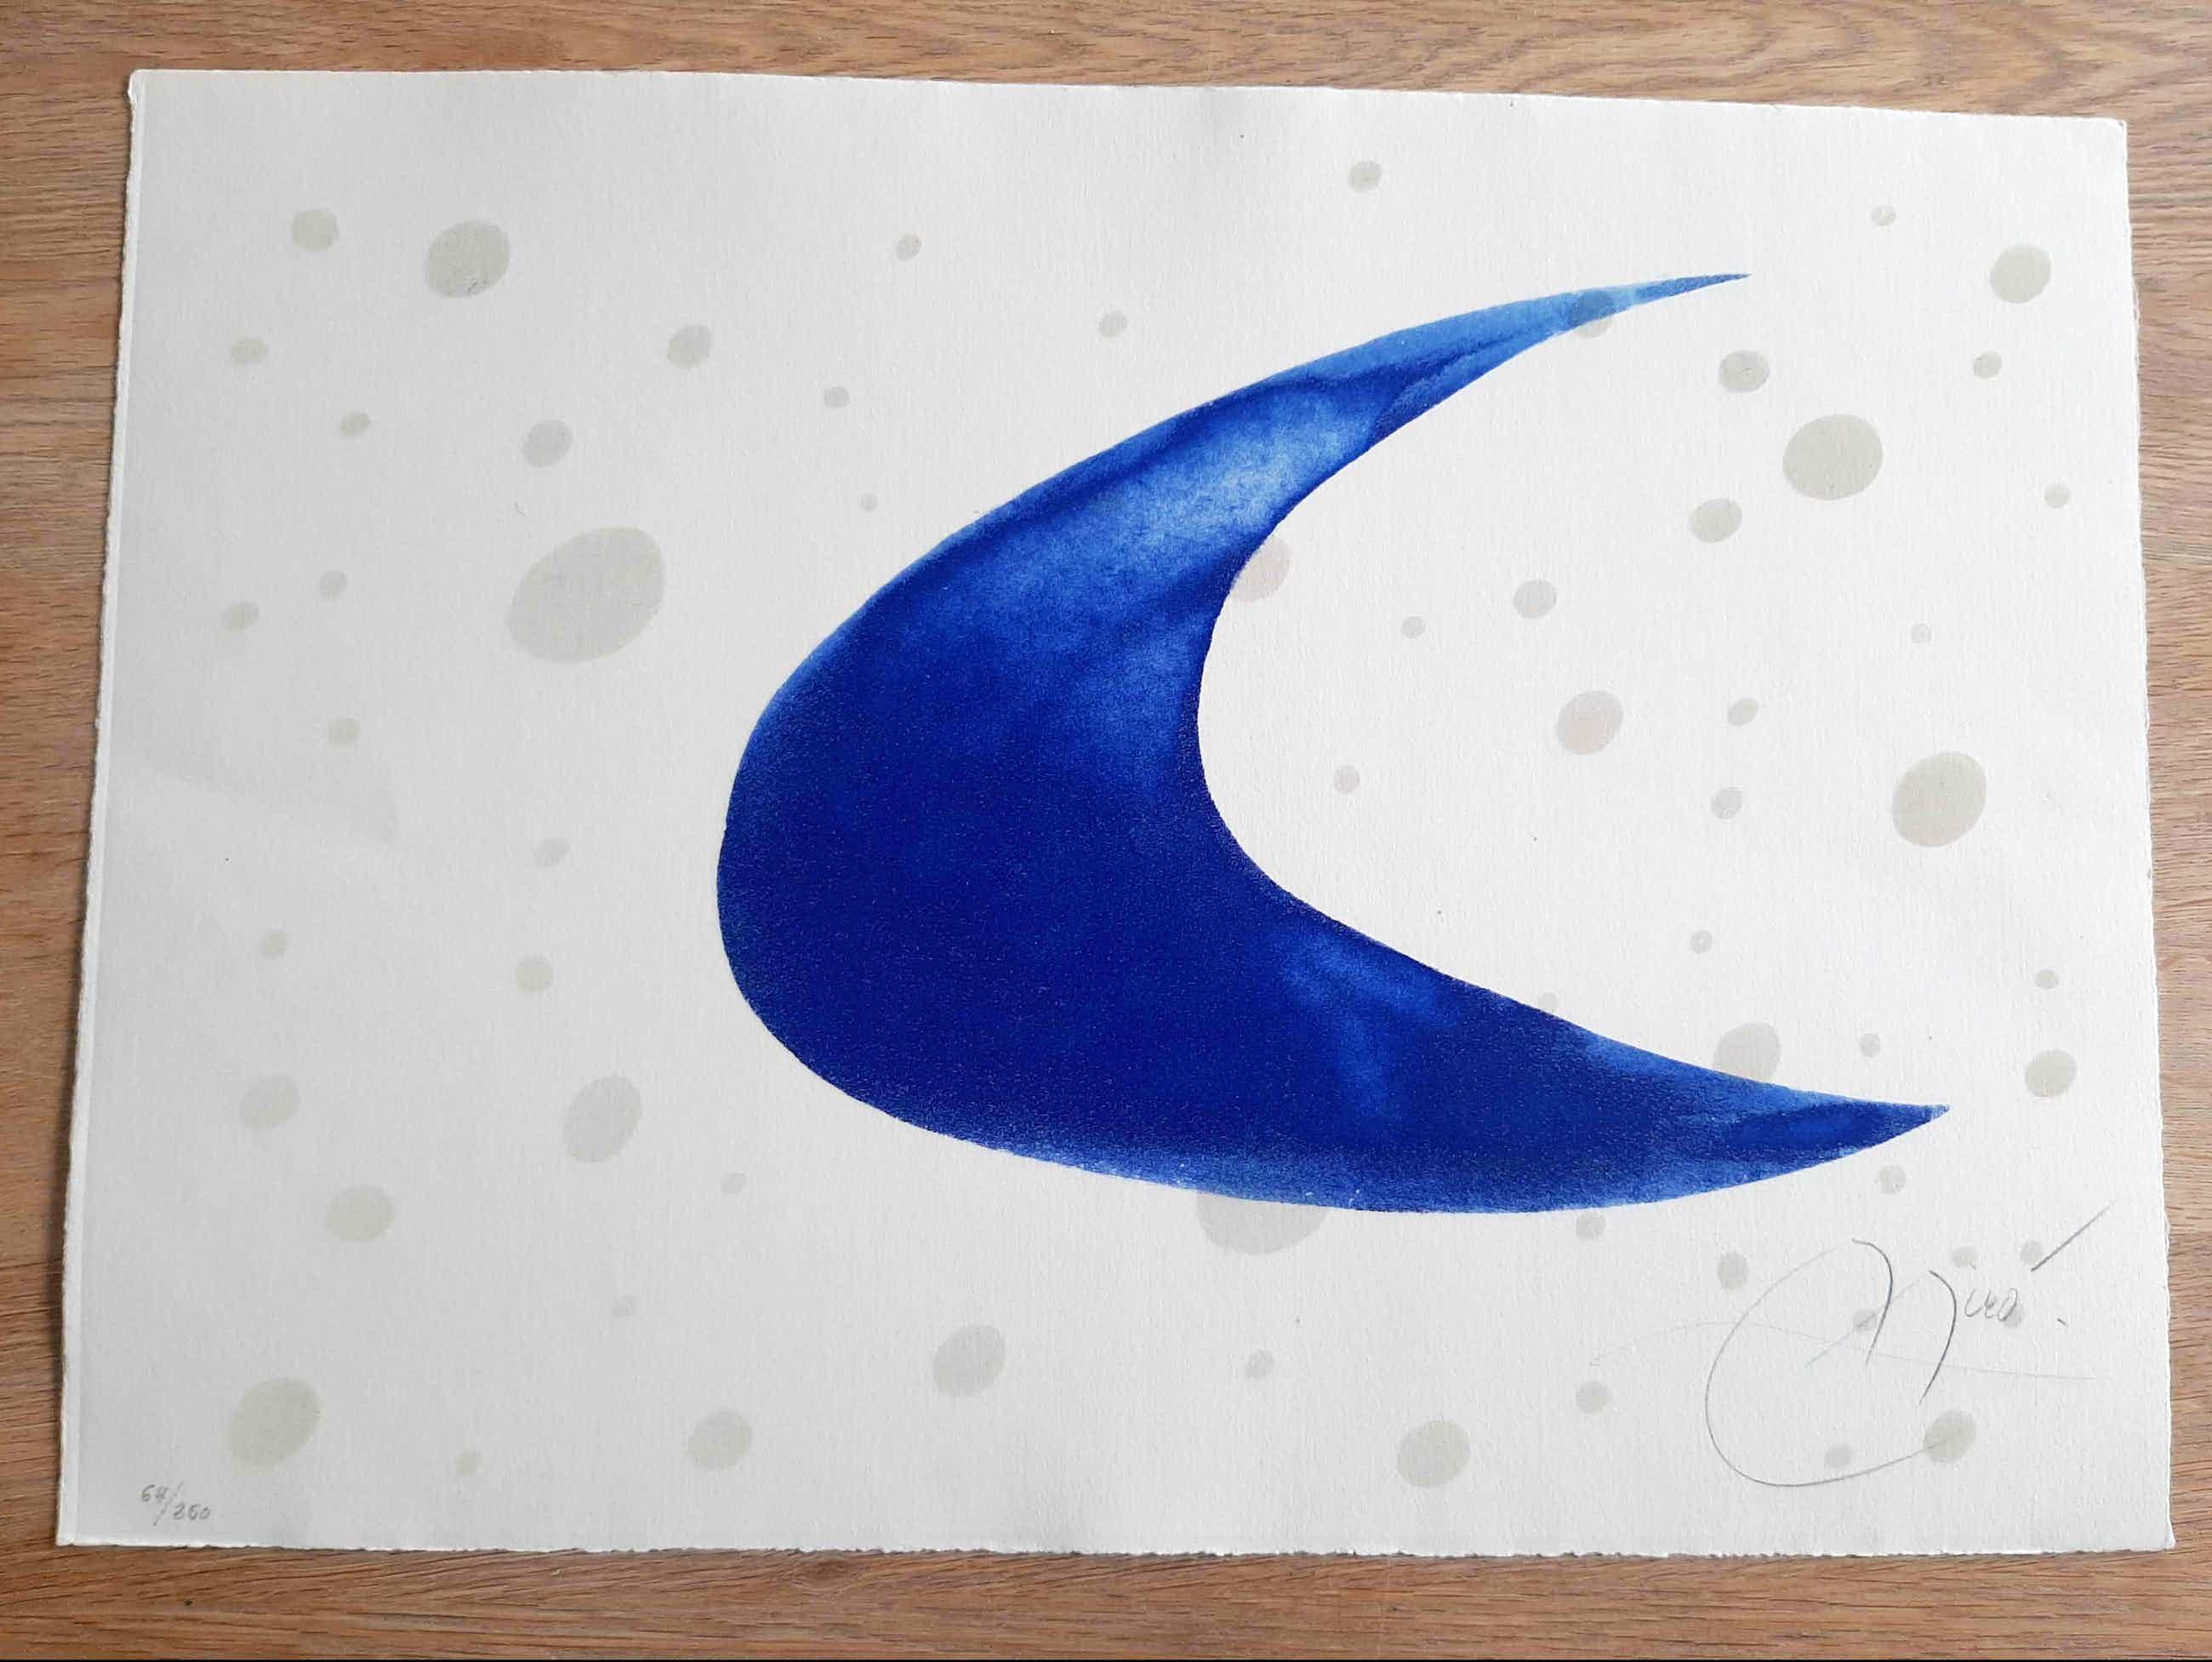 Joan Miro - Càntic del sol - zeldzame ets met aquatint - handgesigneerd - 1975 kopen? Bied vanaf 2500!